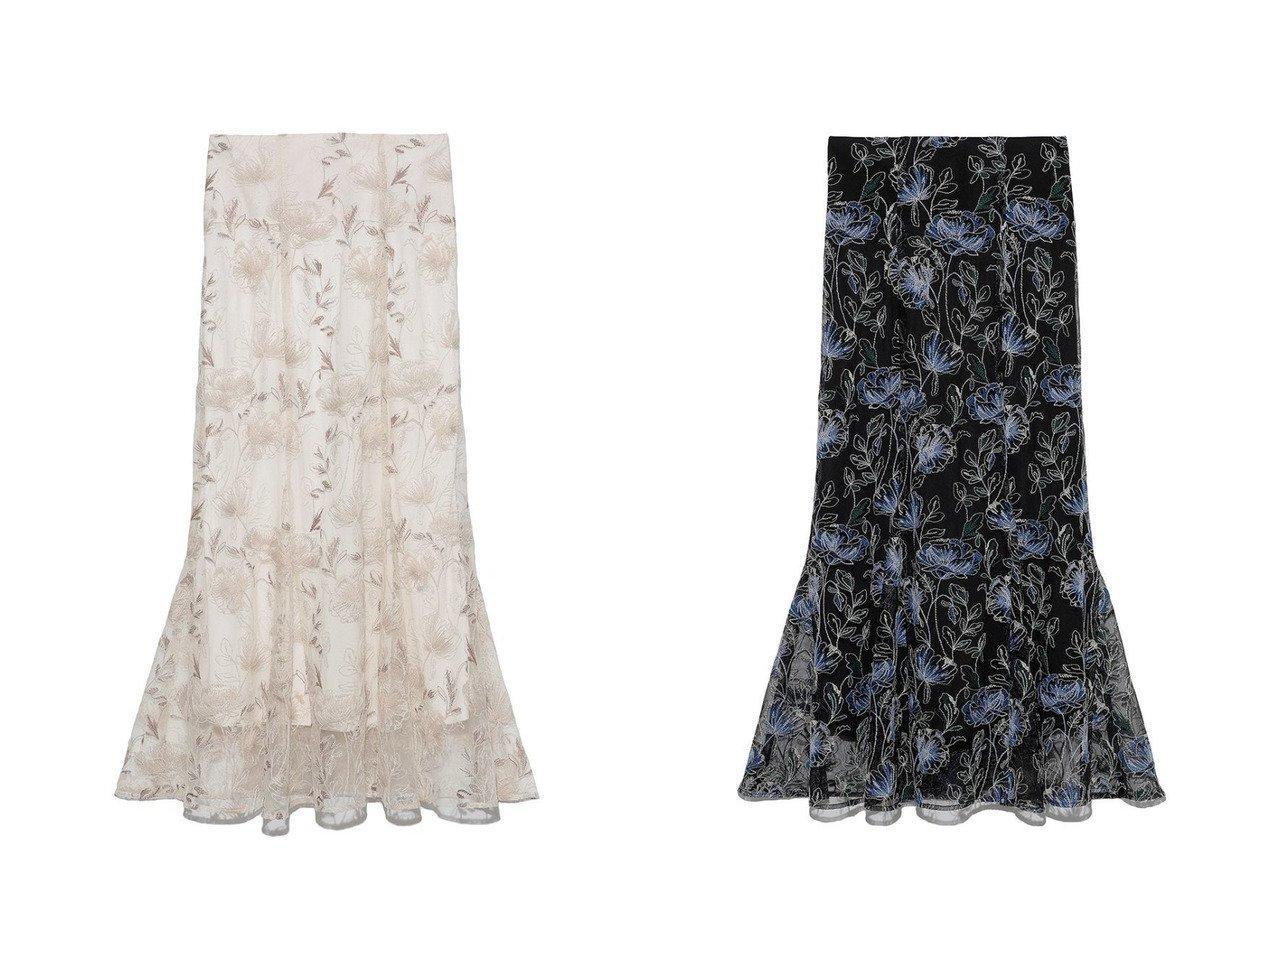 【Lily Brown/リリーブラウン】のレーススカート 【スカート】おすすめ!人気、トレンド・レディースファッションの通販 おすすめで人気の流行・トレンド、ファッションの通販商品 インテリア・家具・メンズファッション・キッズファッション・レディースファッション・服の通販 founy(ファニー) https://founy.com/ ファッション Fashion レディースファッション WOMEN スカート Skirt ロングスカート Long Skirt フラワー フレア モチーフ レース ロング 再入荷 Restock/Back in Stock/Re Arrival  ID:crp329100000068576